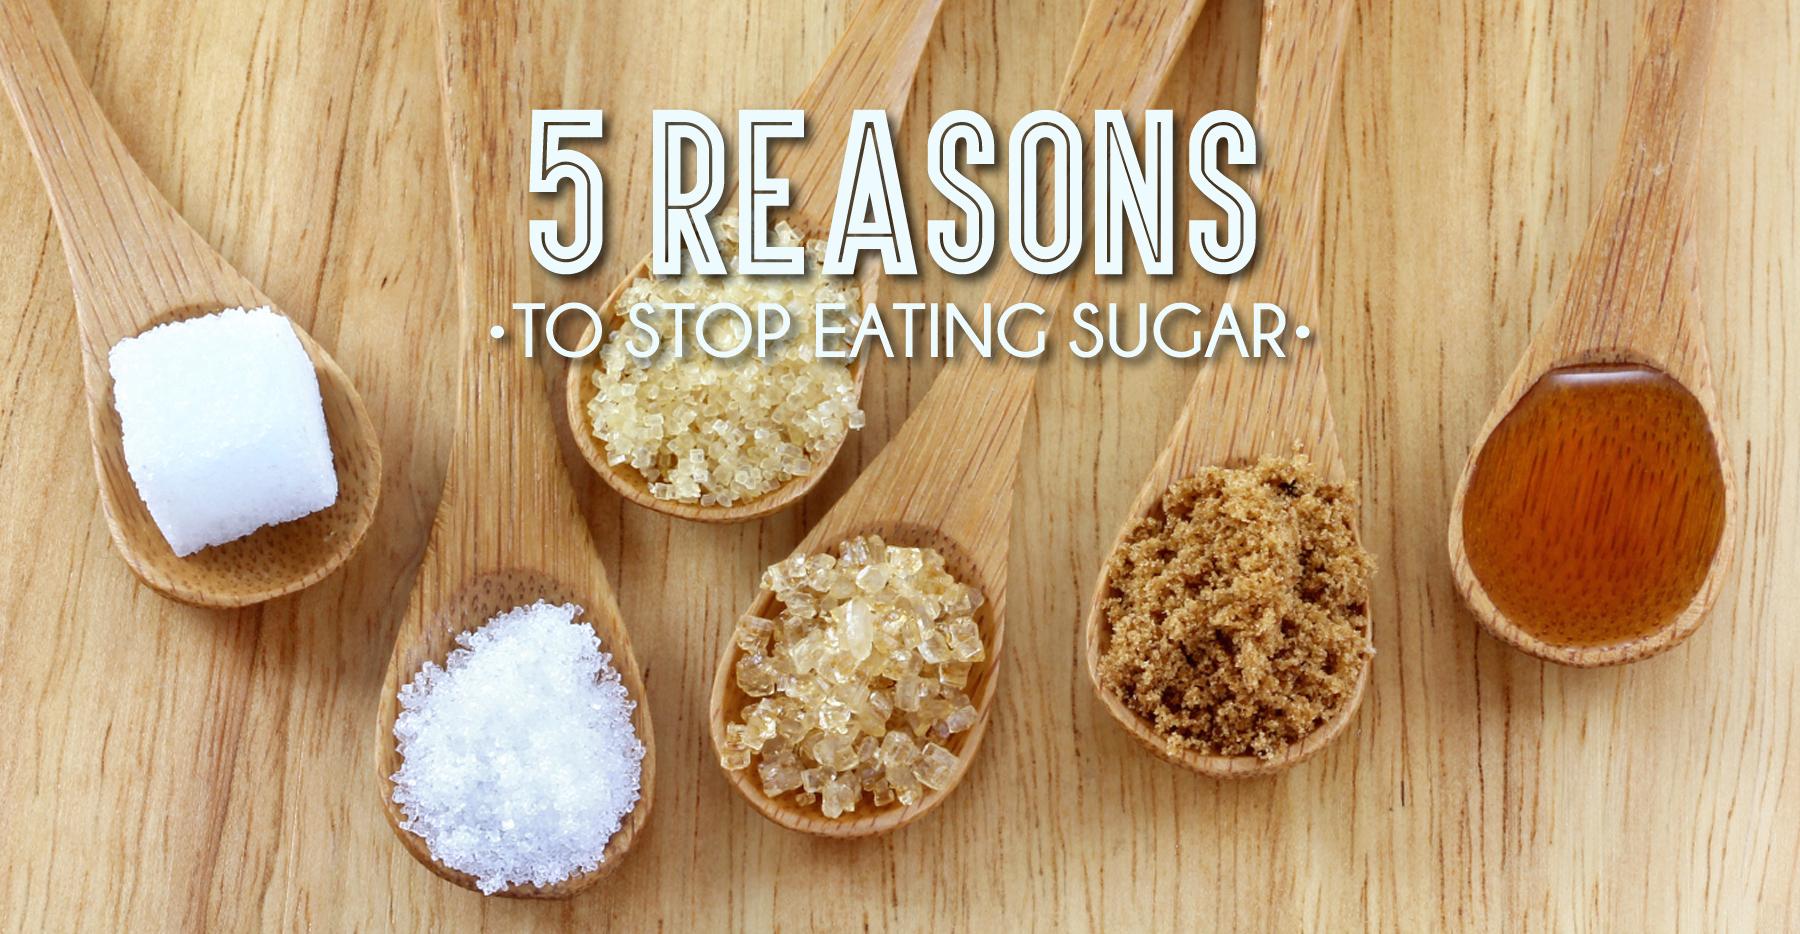 5 Reasons to Stop Eating Sugar